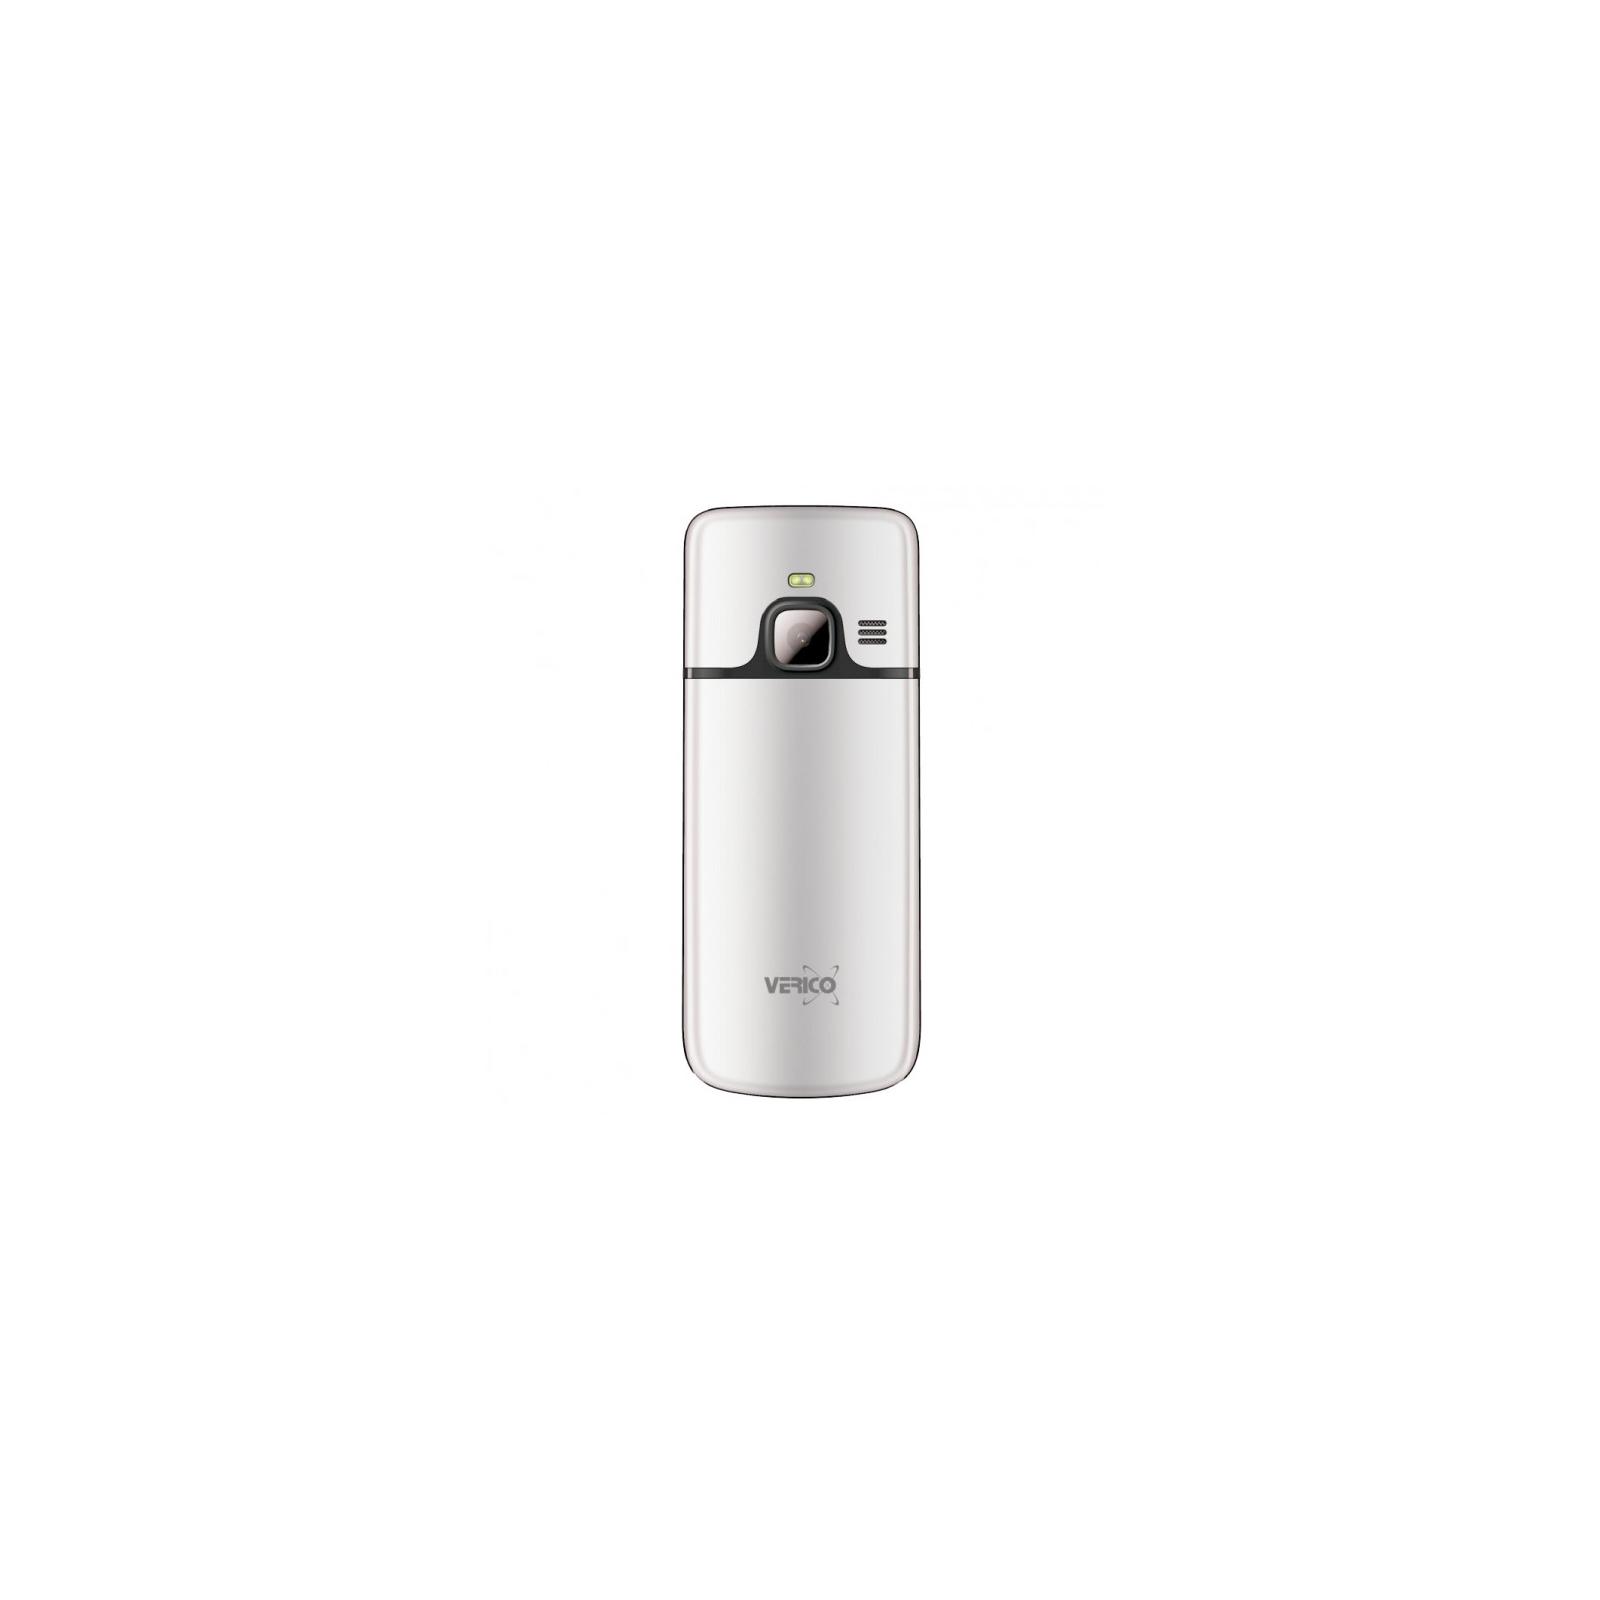 Мобильный телефон Verico Style F244 Black (4713095606724) изображение 2